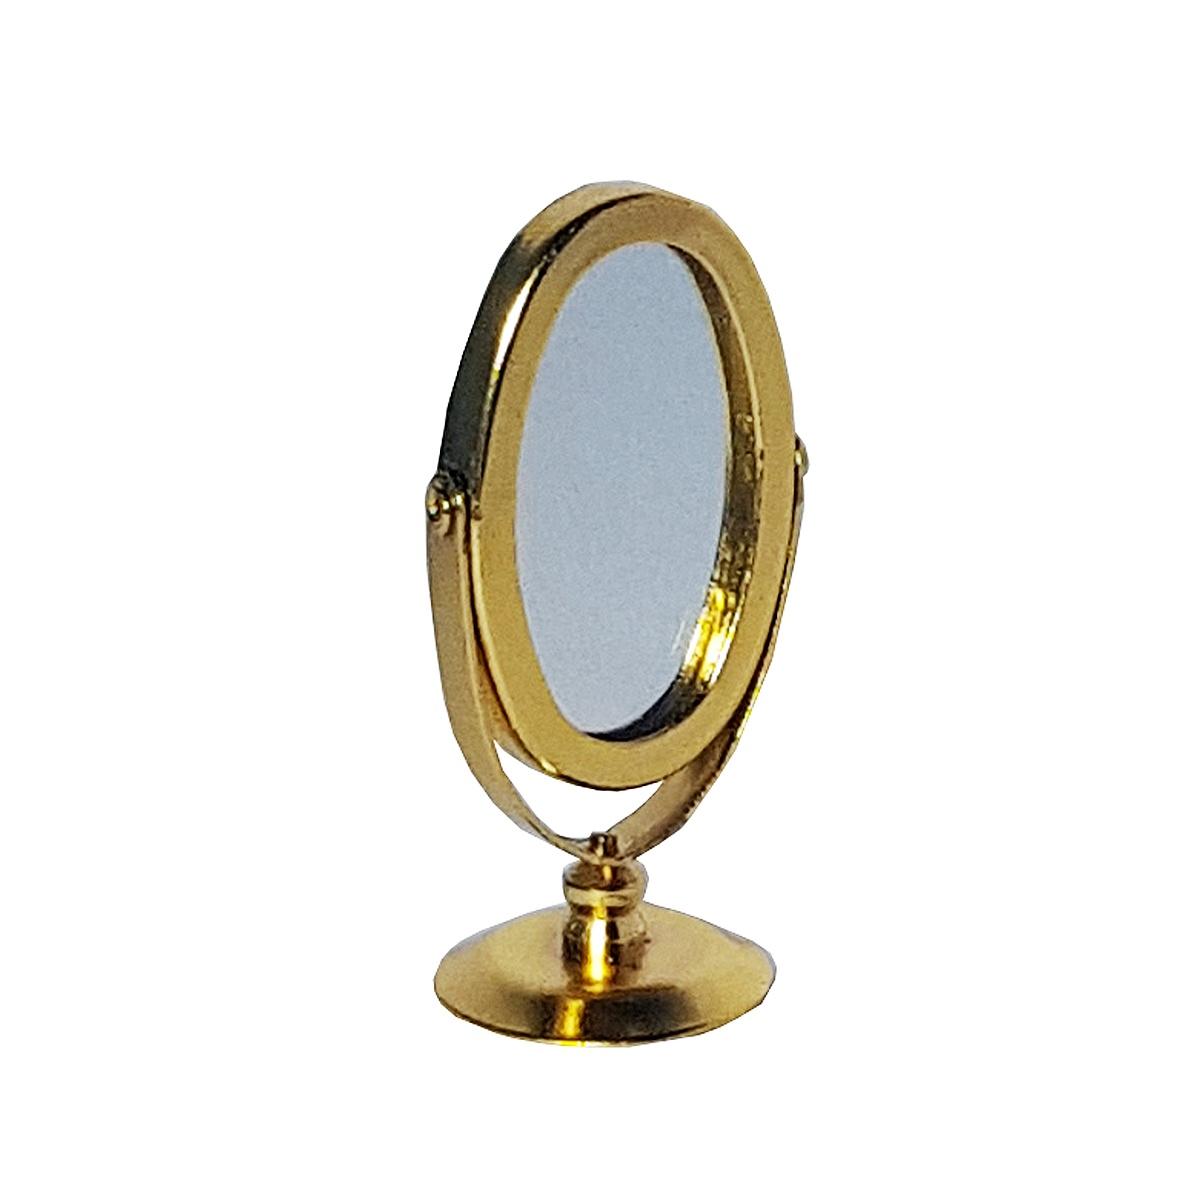 Ovaler Tischspiegel